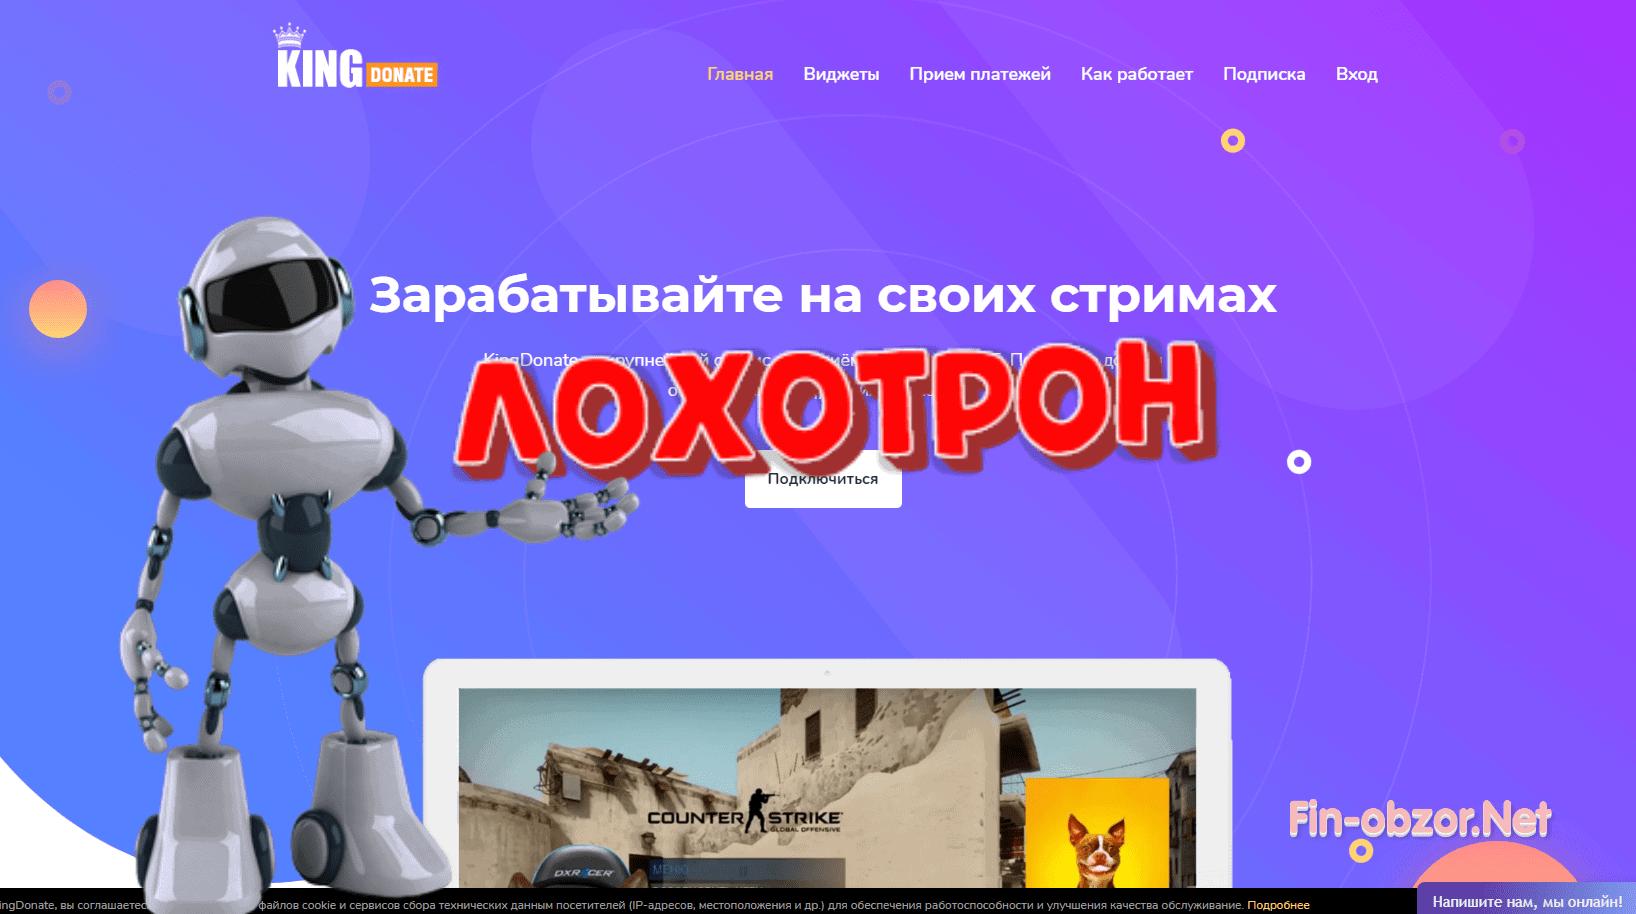 King-donate.com - как вернуть деньги Отзывы о KingDonate